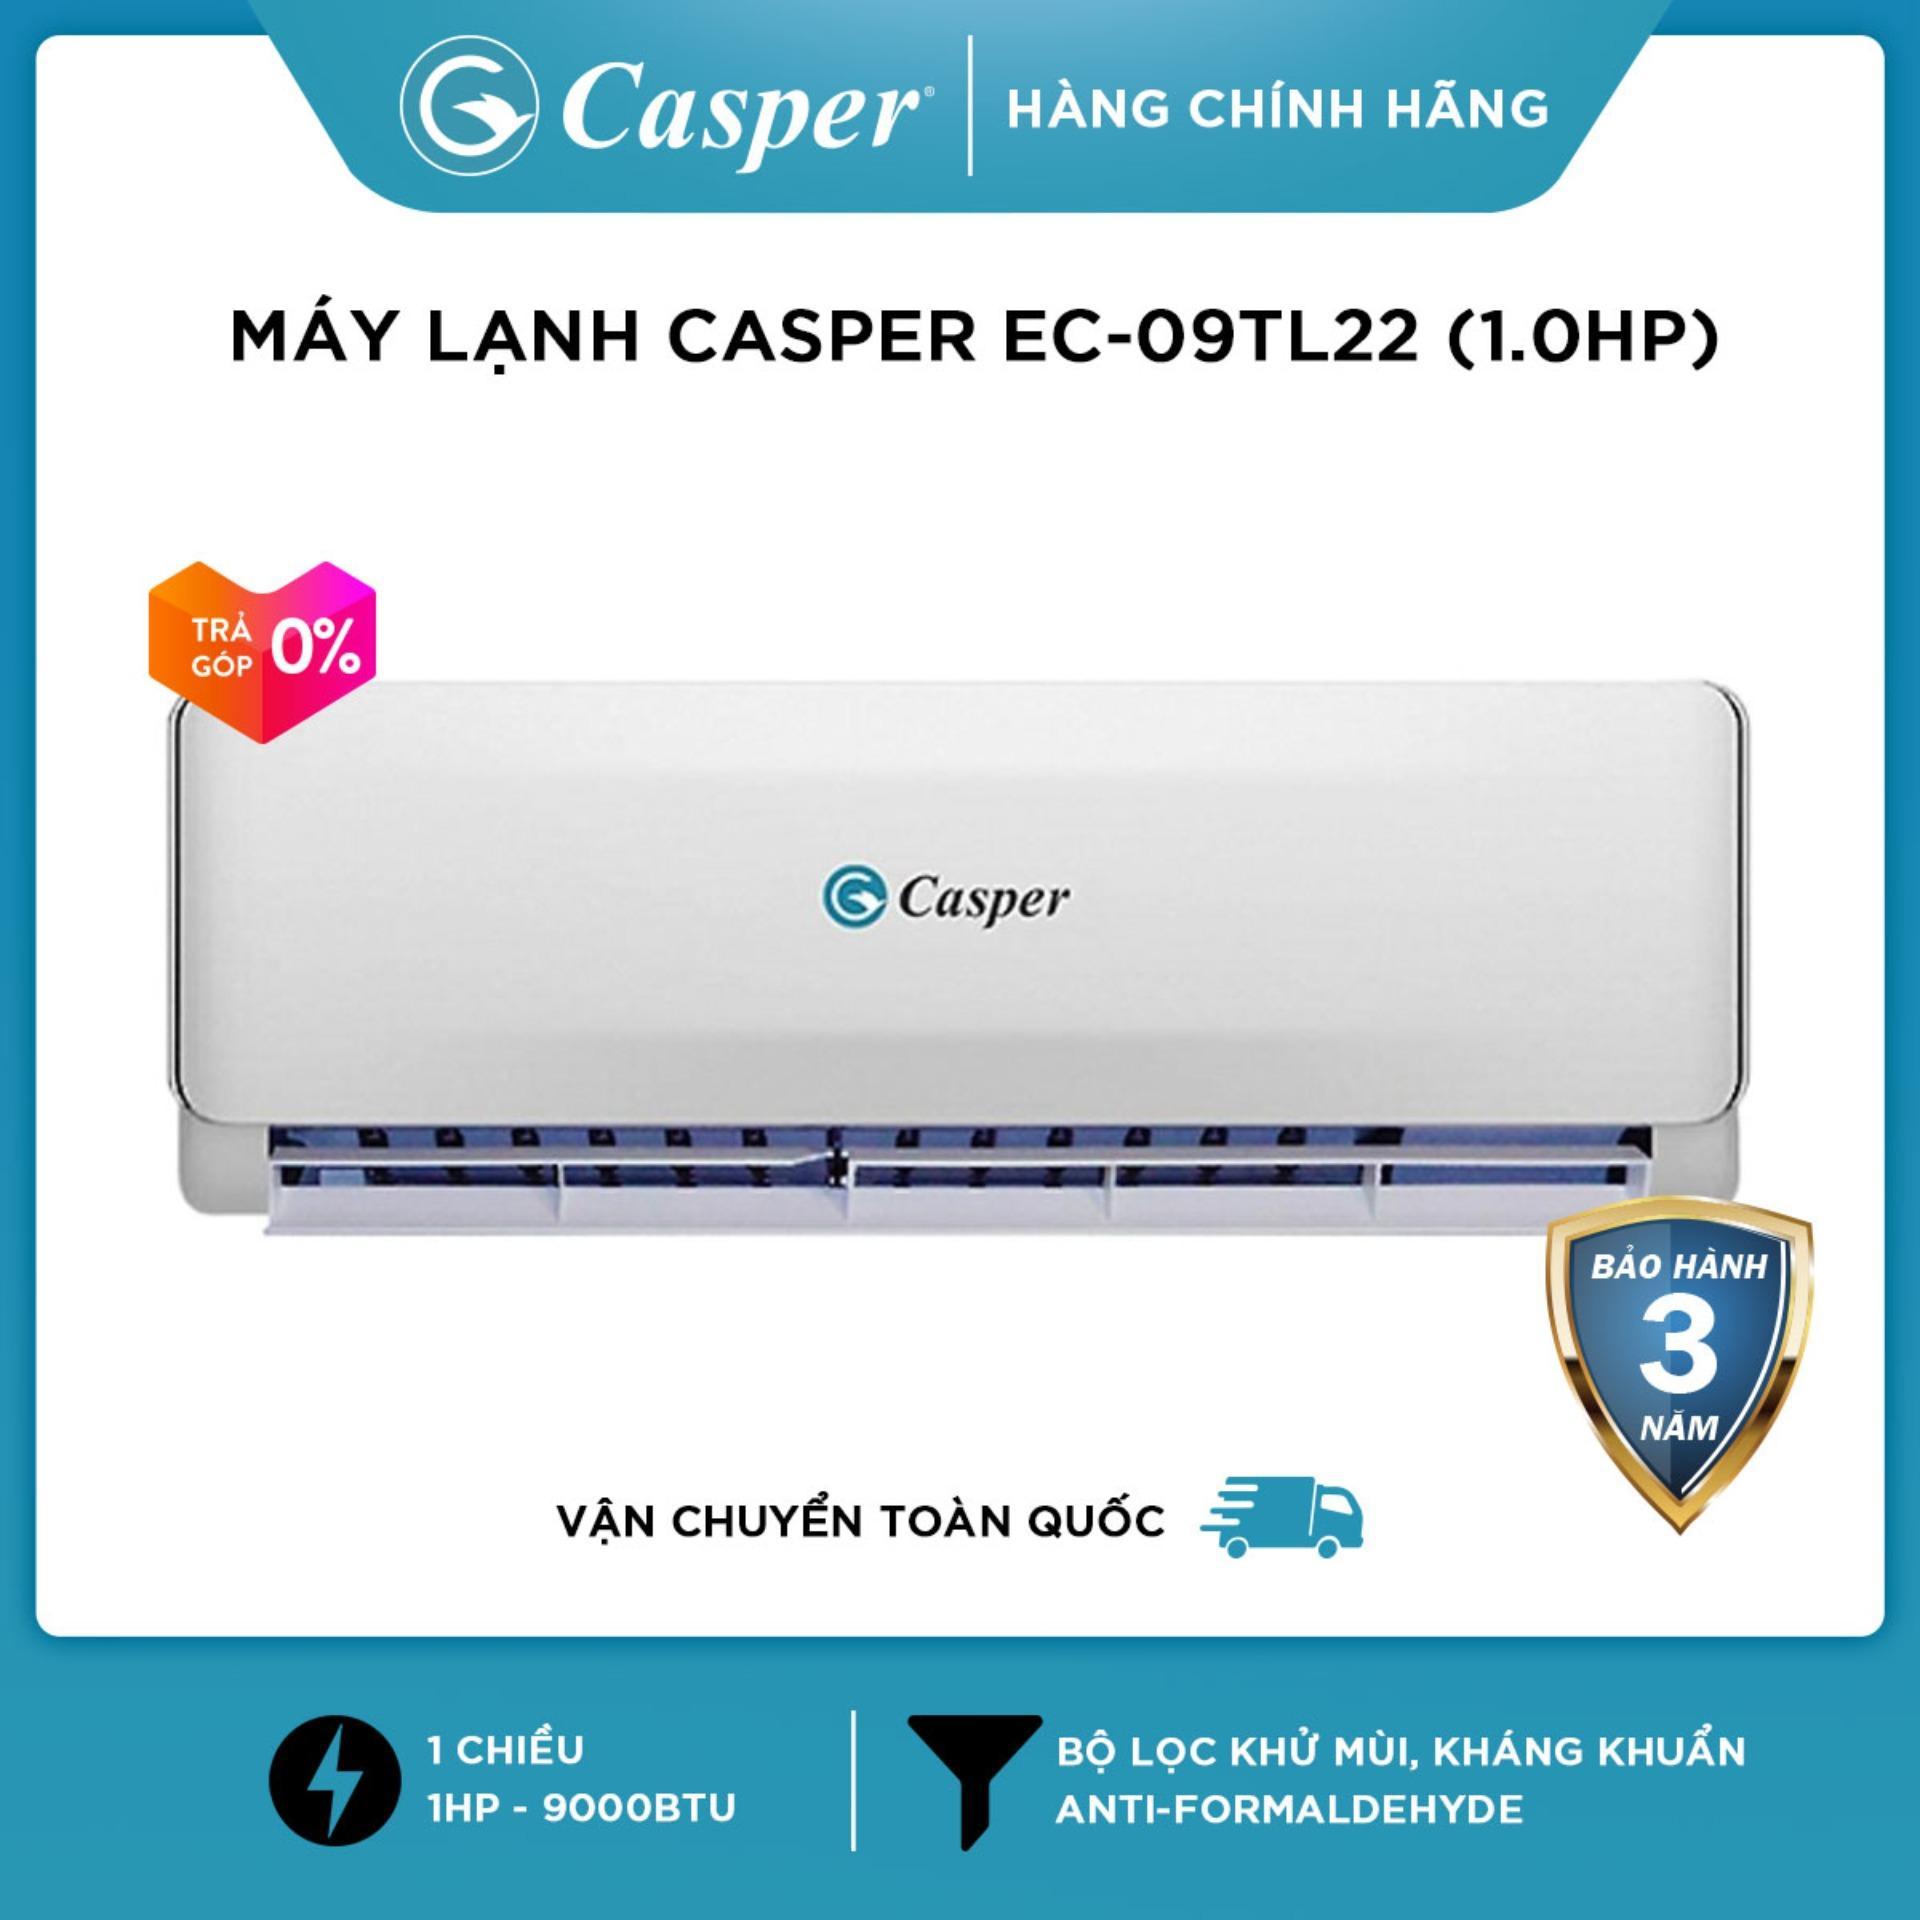 Giá Rẻ Trong Hôm Nay Khi Sở Hữu Máy Lạnh Casper EC-09TL22 (1.0HP) - Hàng Phân Phối Chính Hãng